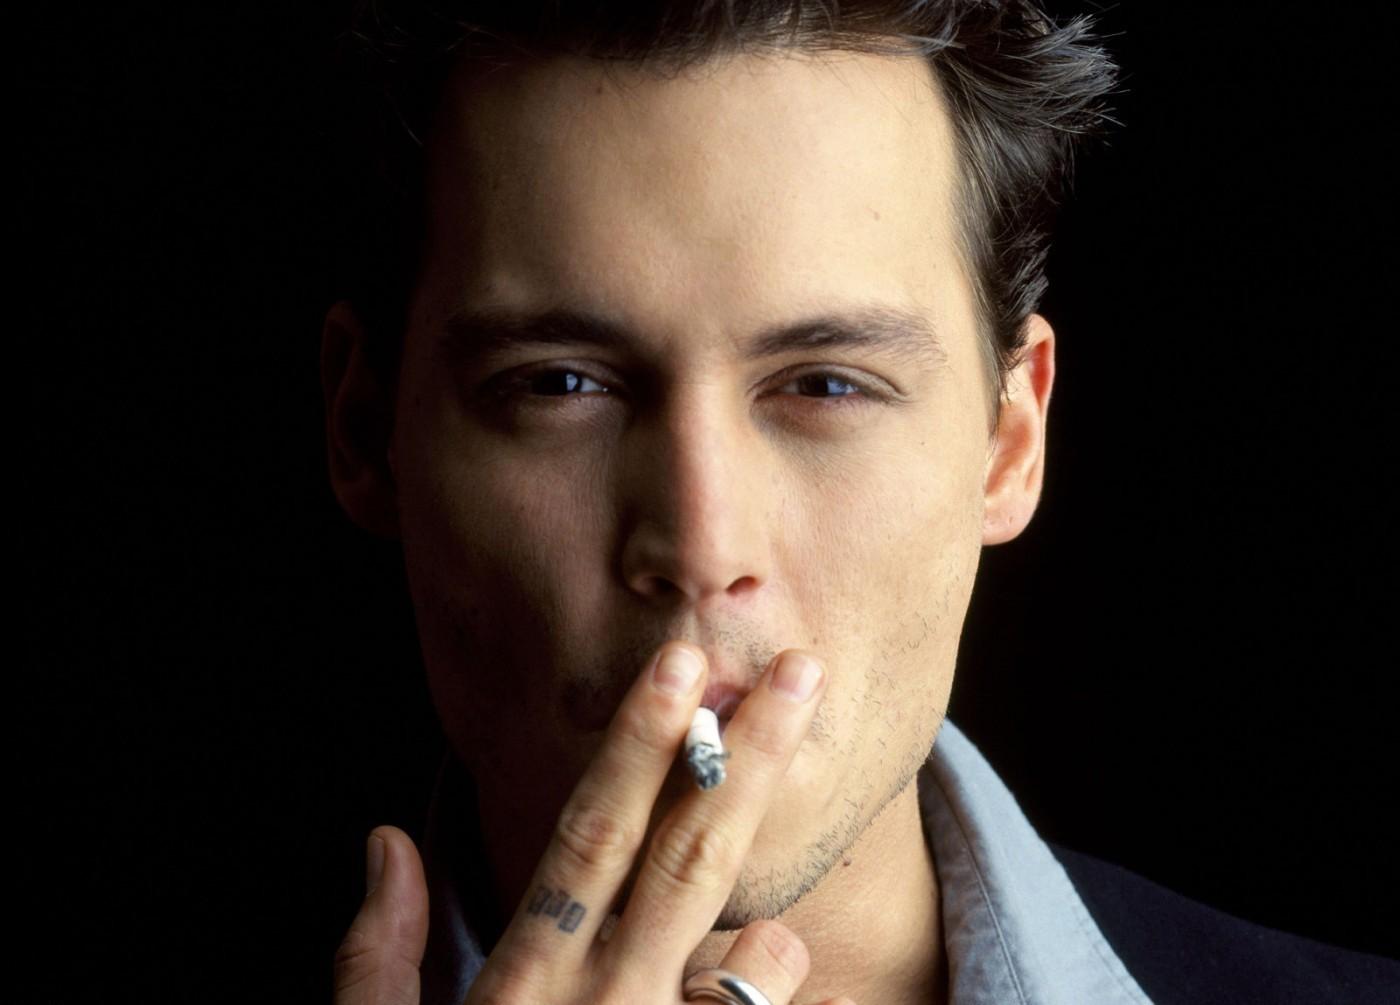 Male Smoking Celebrities